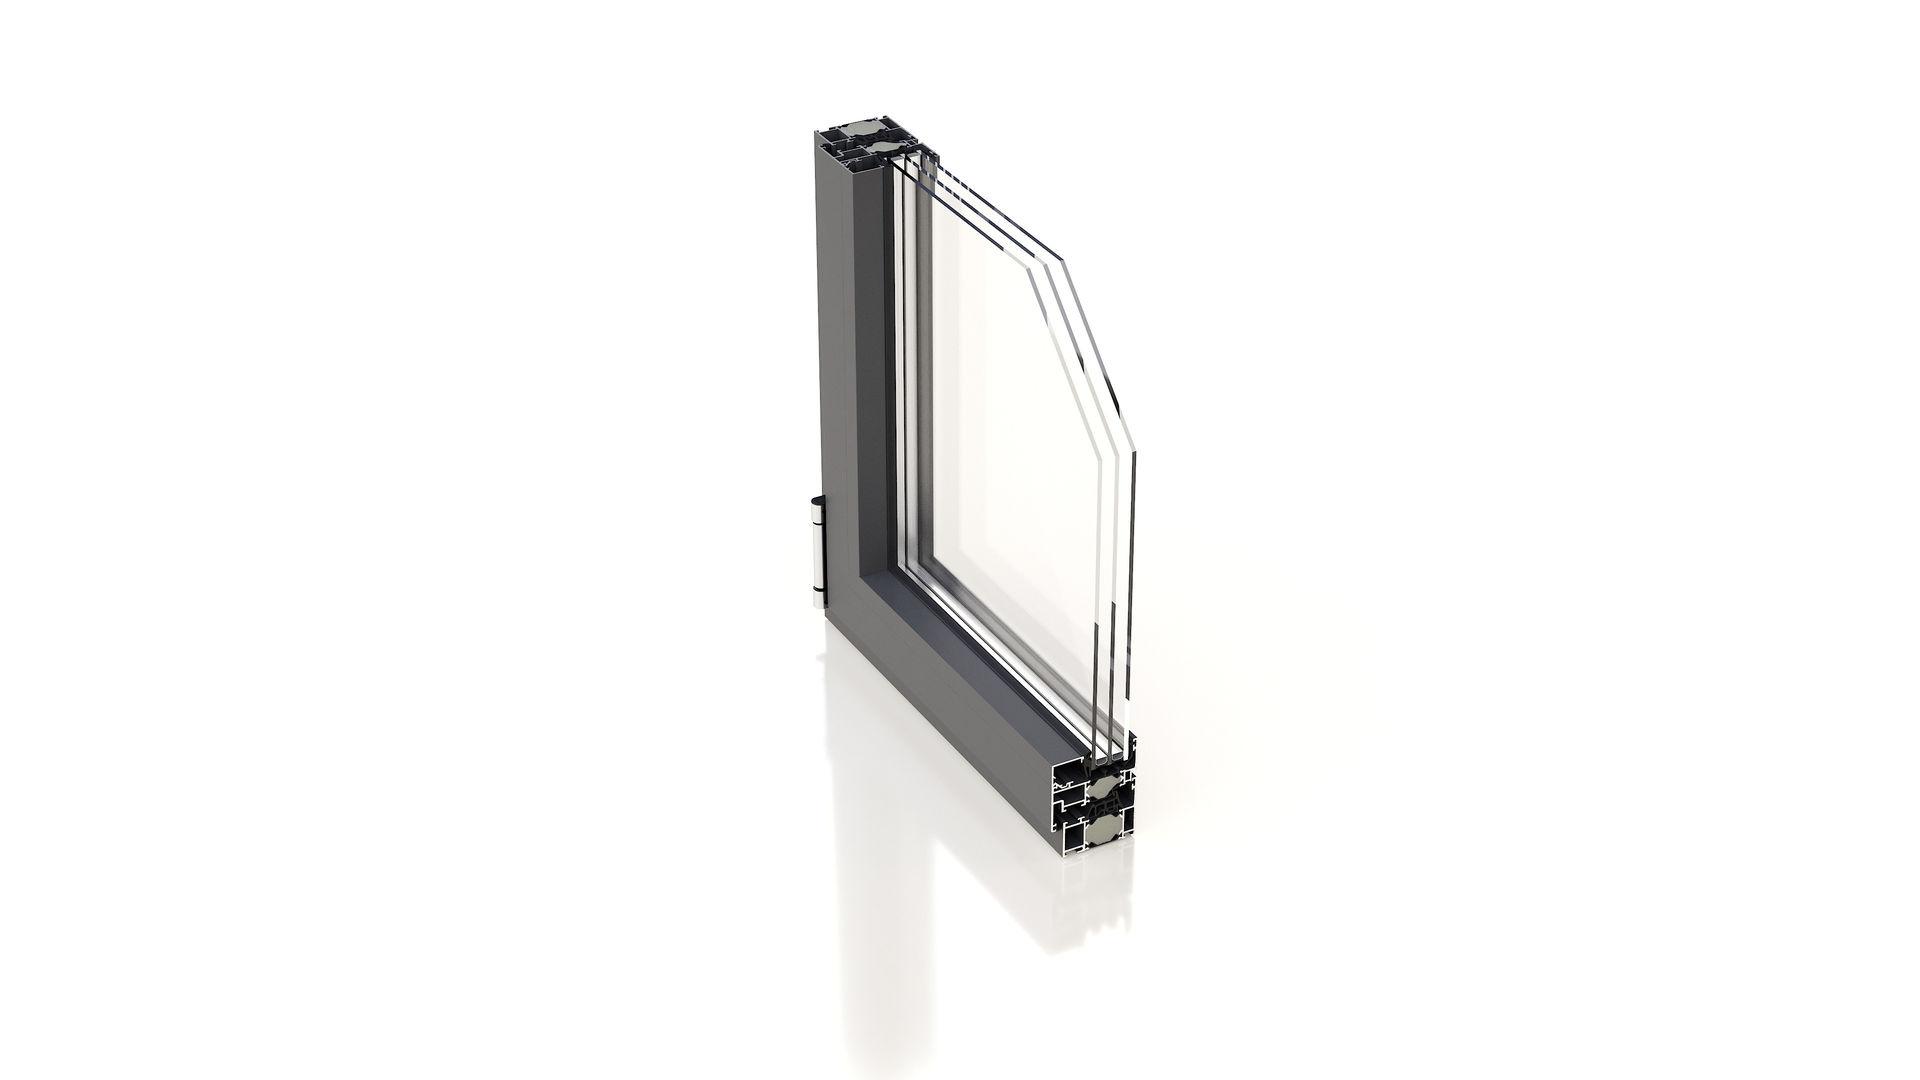 Fenster w72